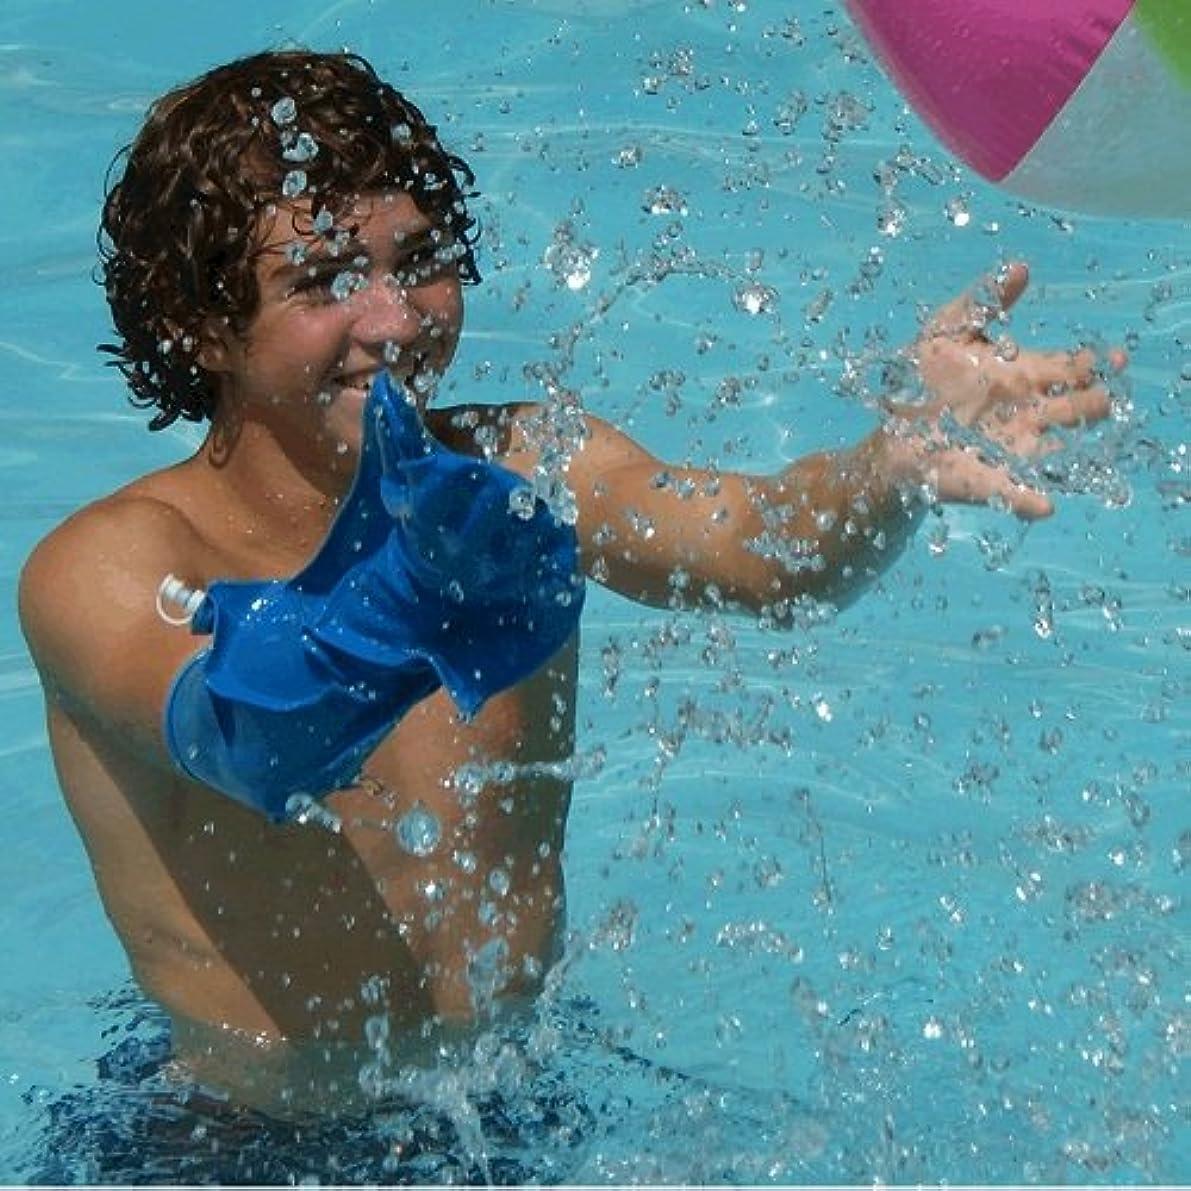 エントリパンチ進化する【骨折】【ギプス】 ドライプロ 腕用防水カバー:ハーフサイズ (L)